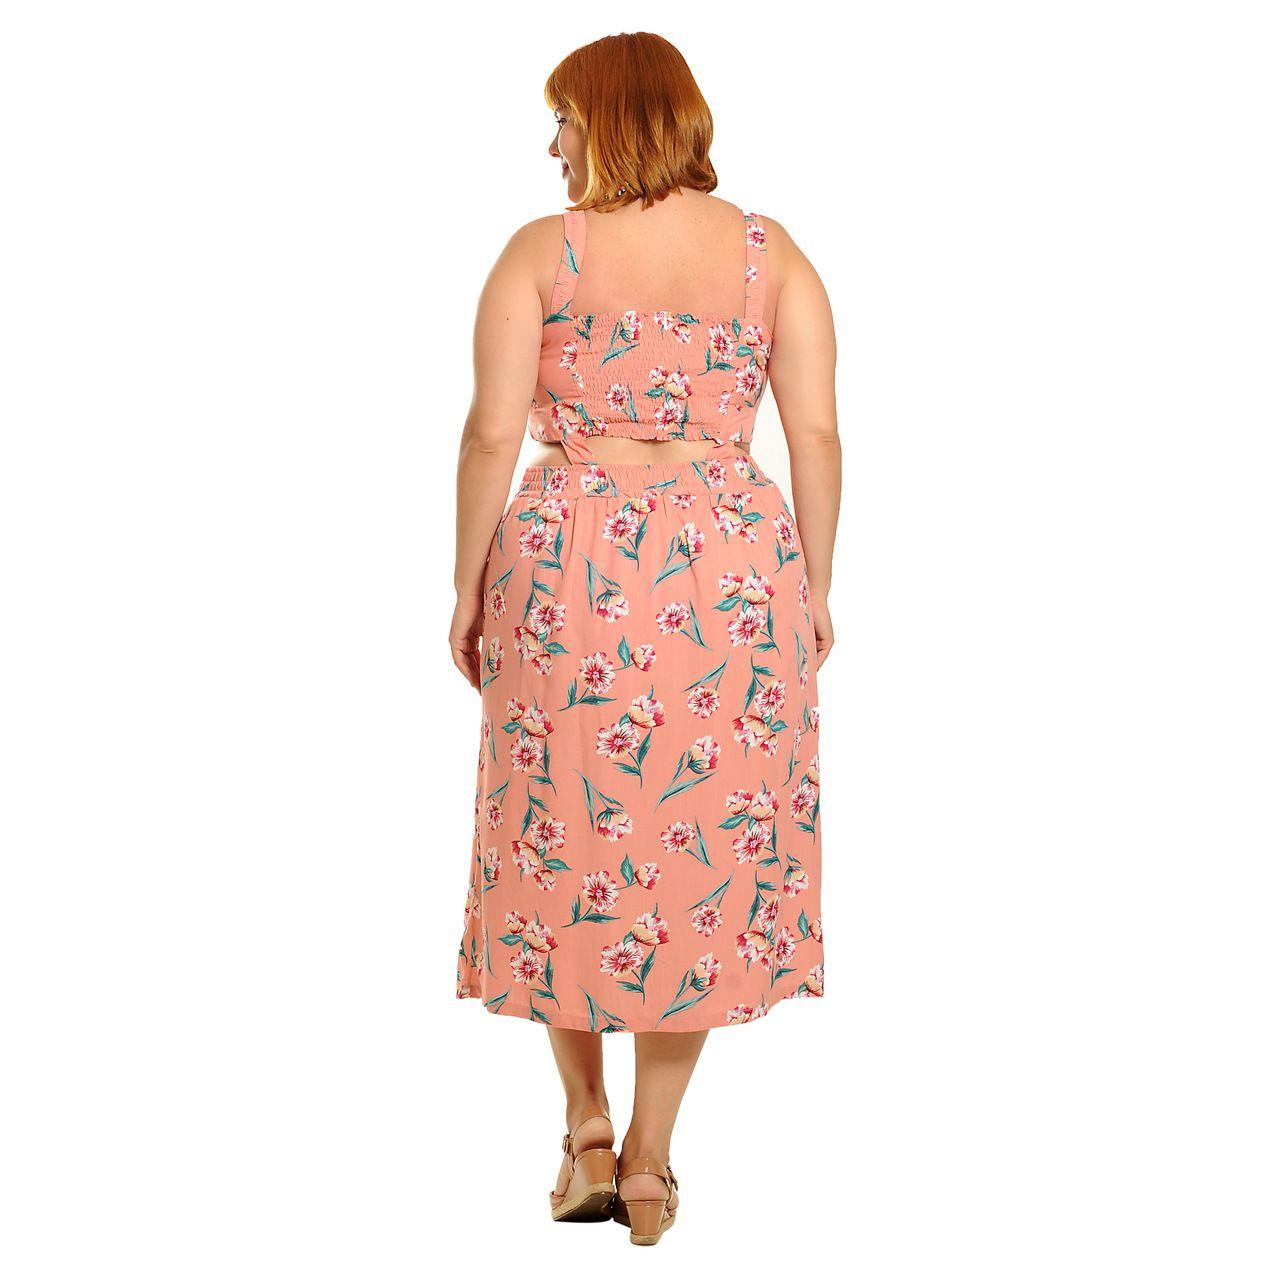 Vestido rosa peach floral com faixas na cintura plus size